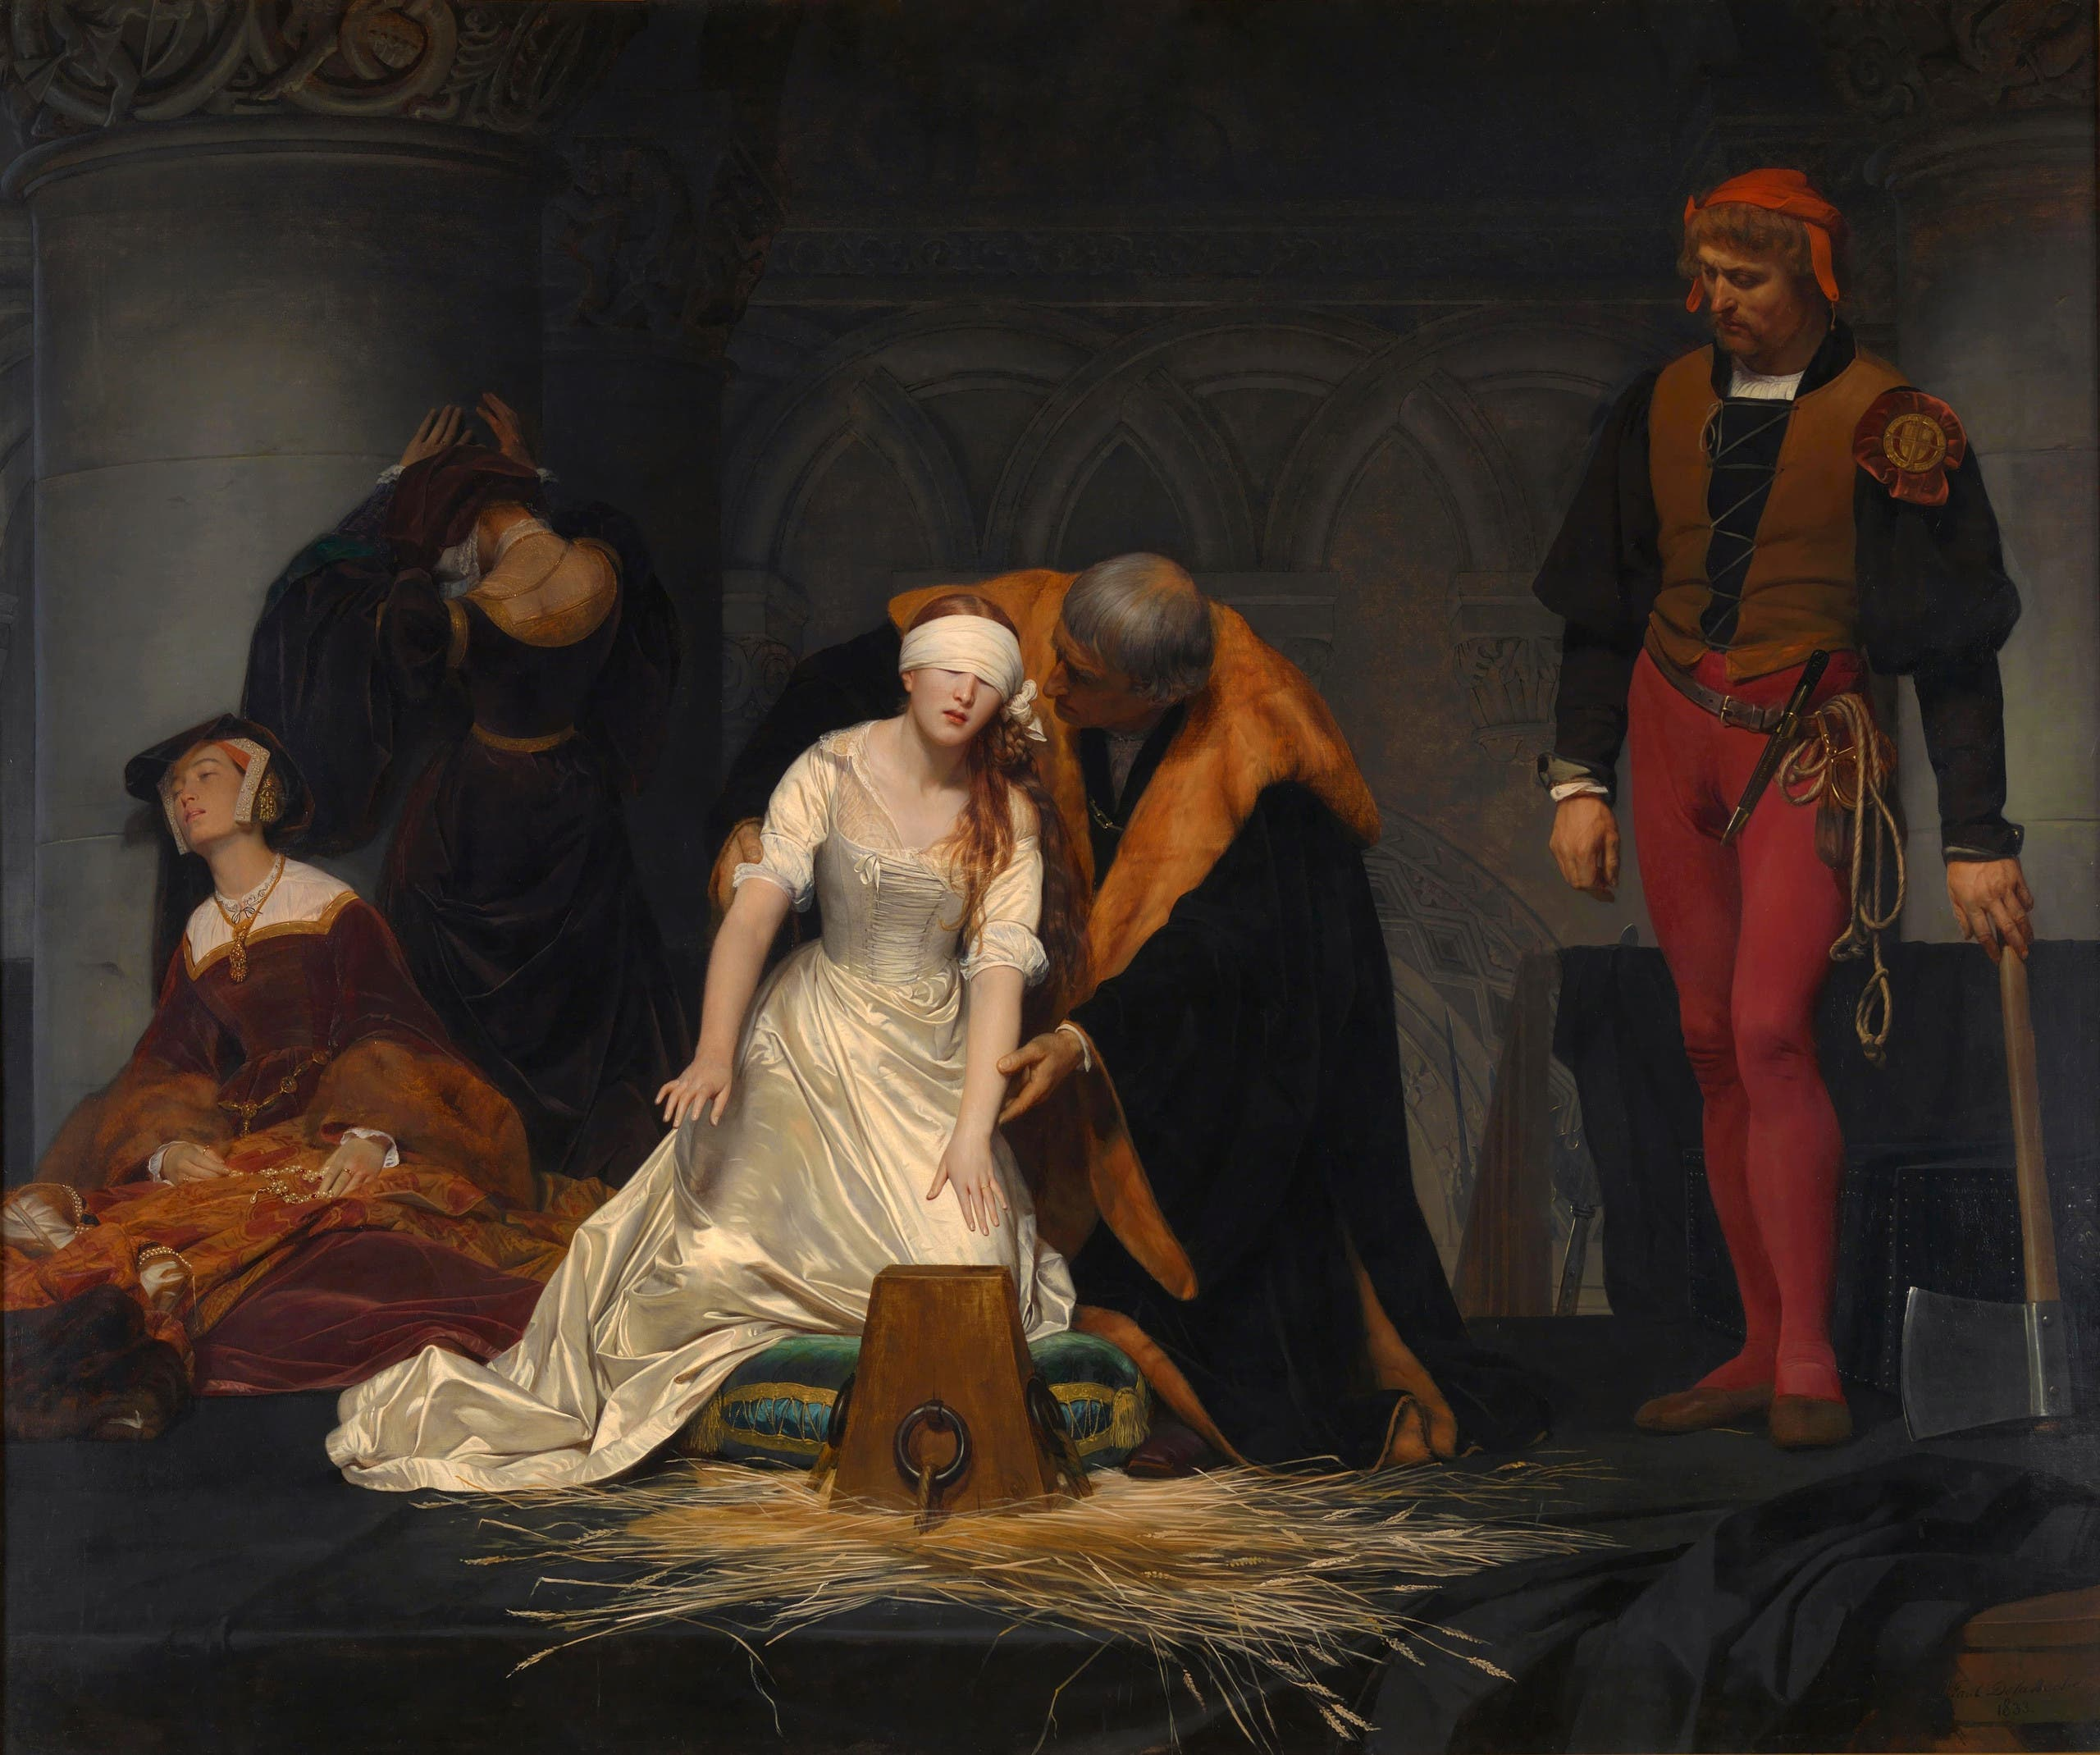 لوحة تجسد الاستعدادات لقطع رأس ليدي جين غراي